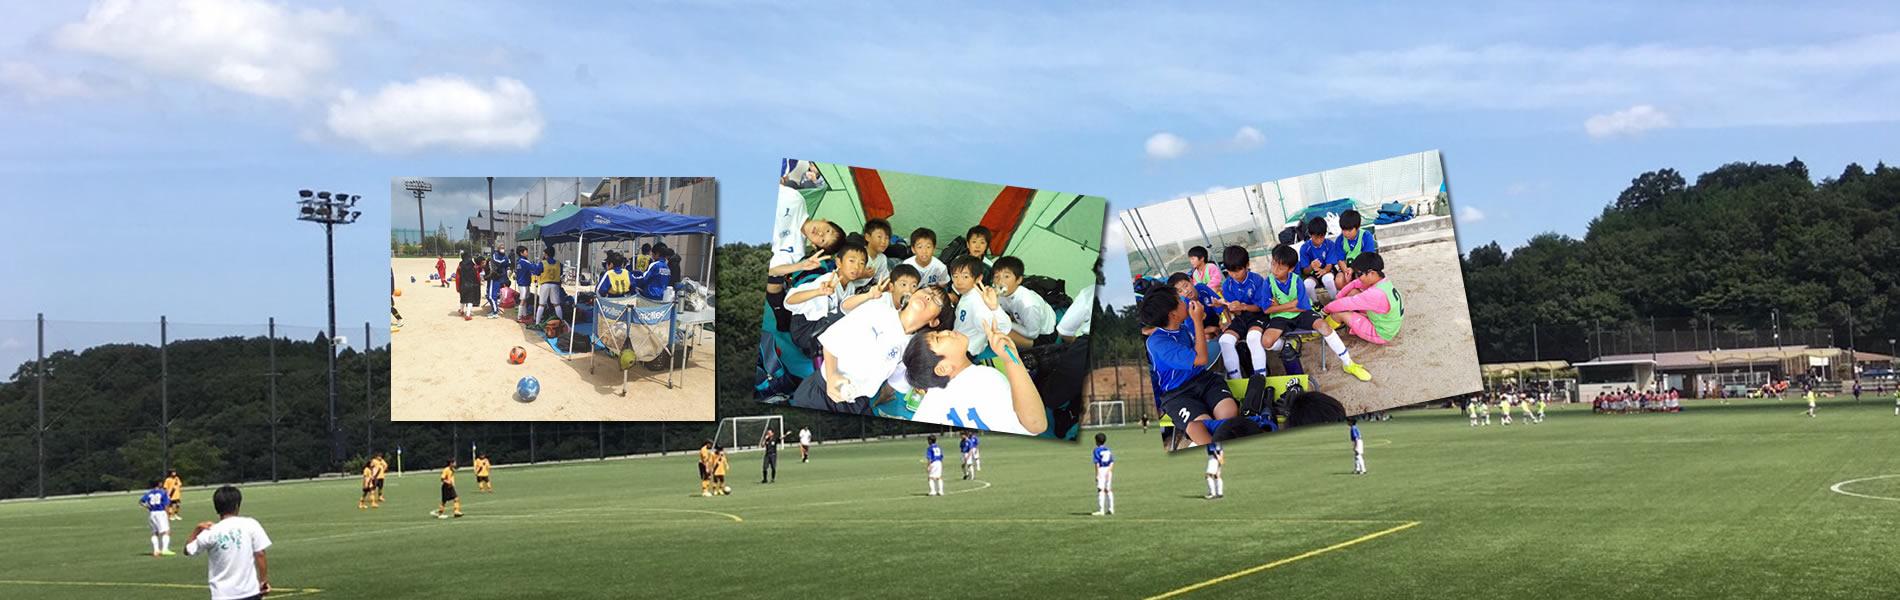 石井サッカークラブは愛媛県松山市にあるサッカークラブです